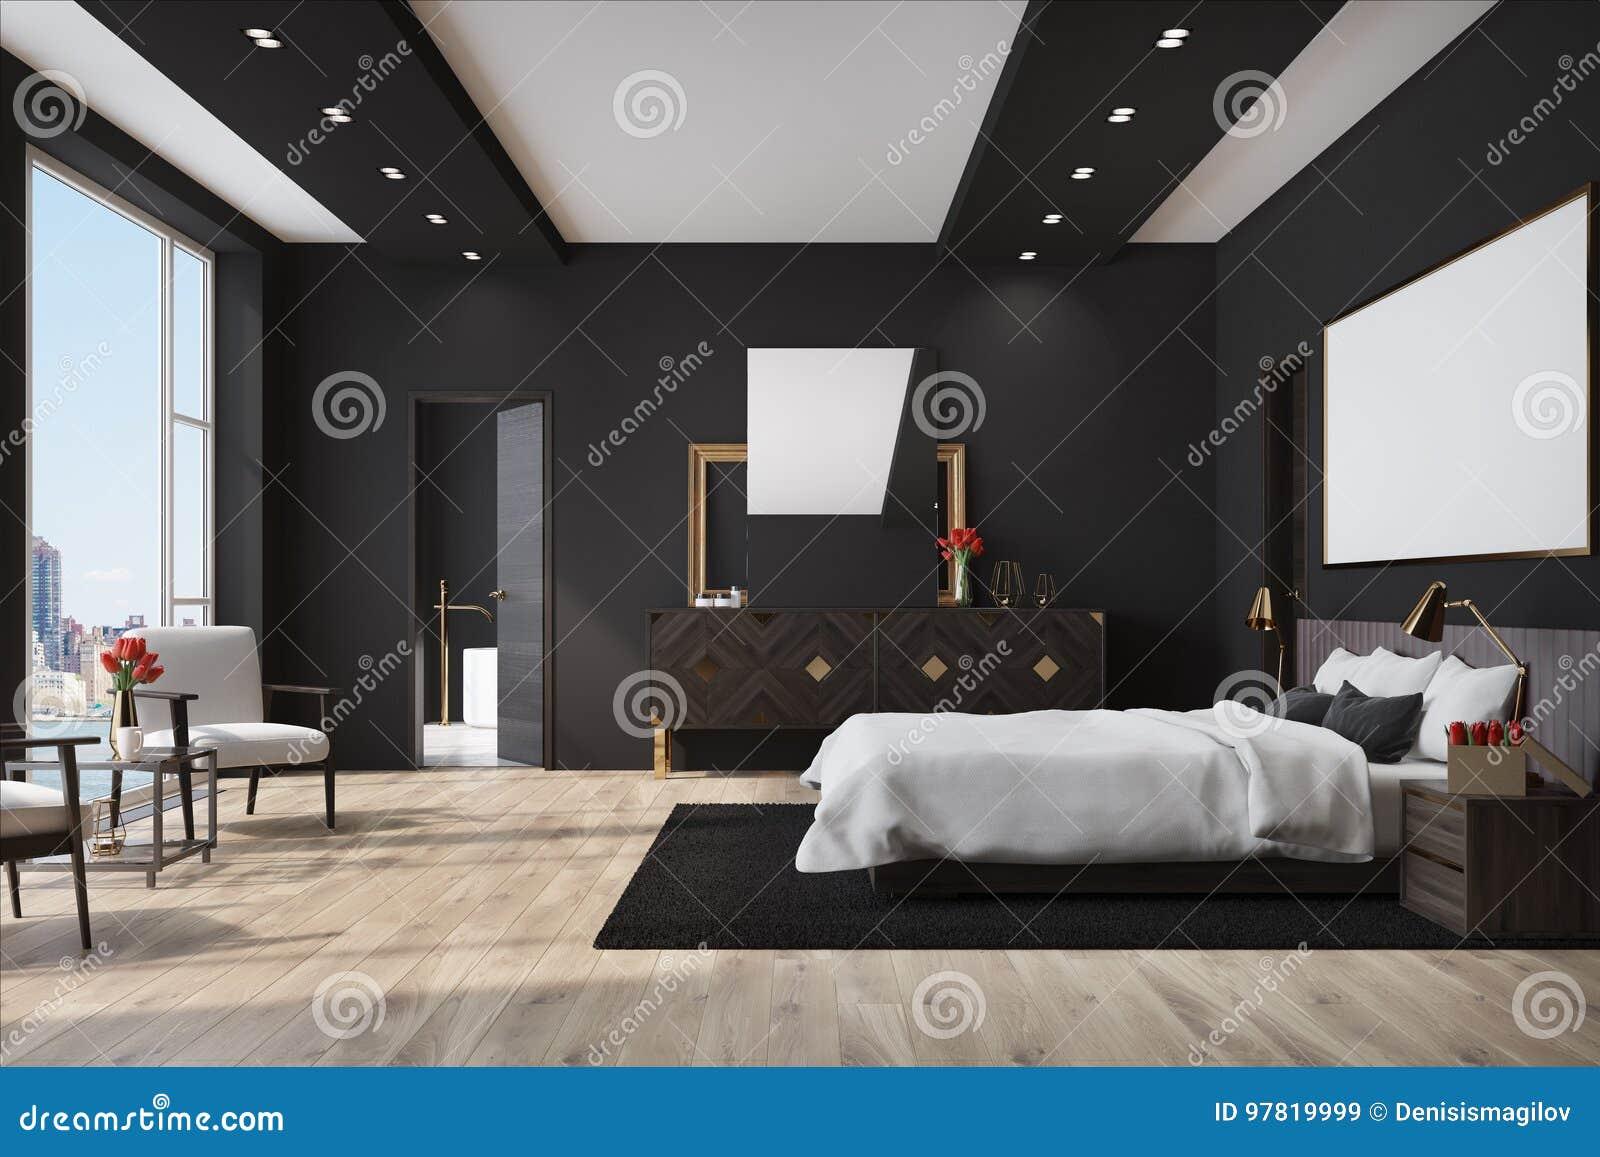 Slaapkamer Zwarte Vloer : Zwarte slaapkamer met een affiche kast stock illustratie